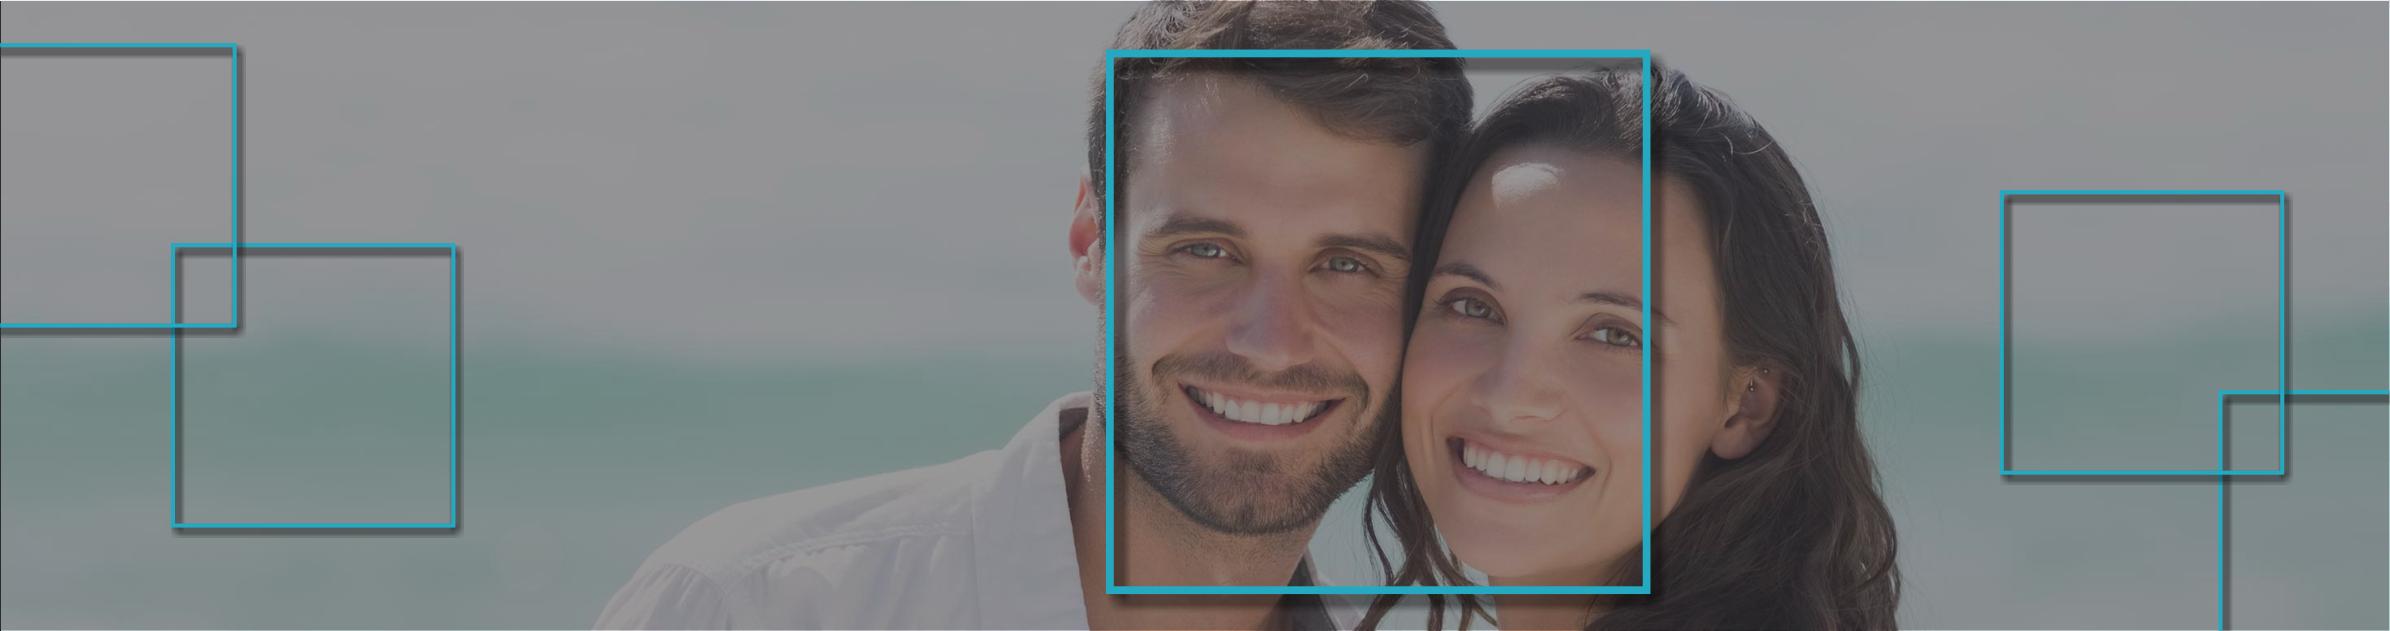 Saúde, odontologia e bem estar